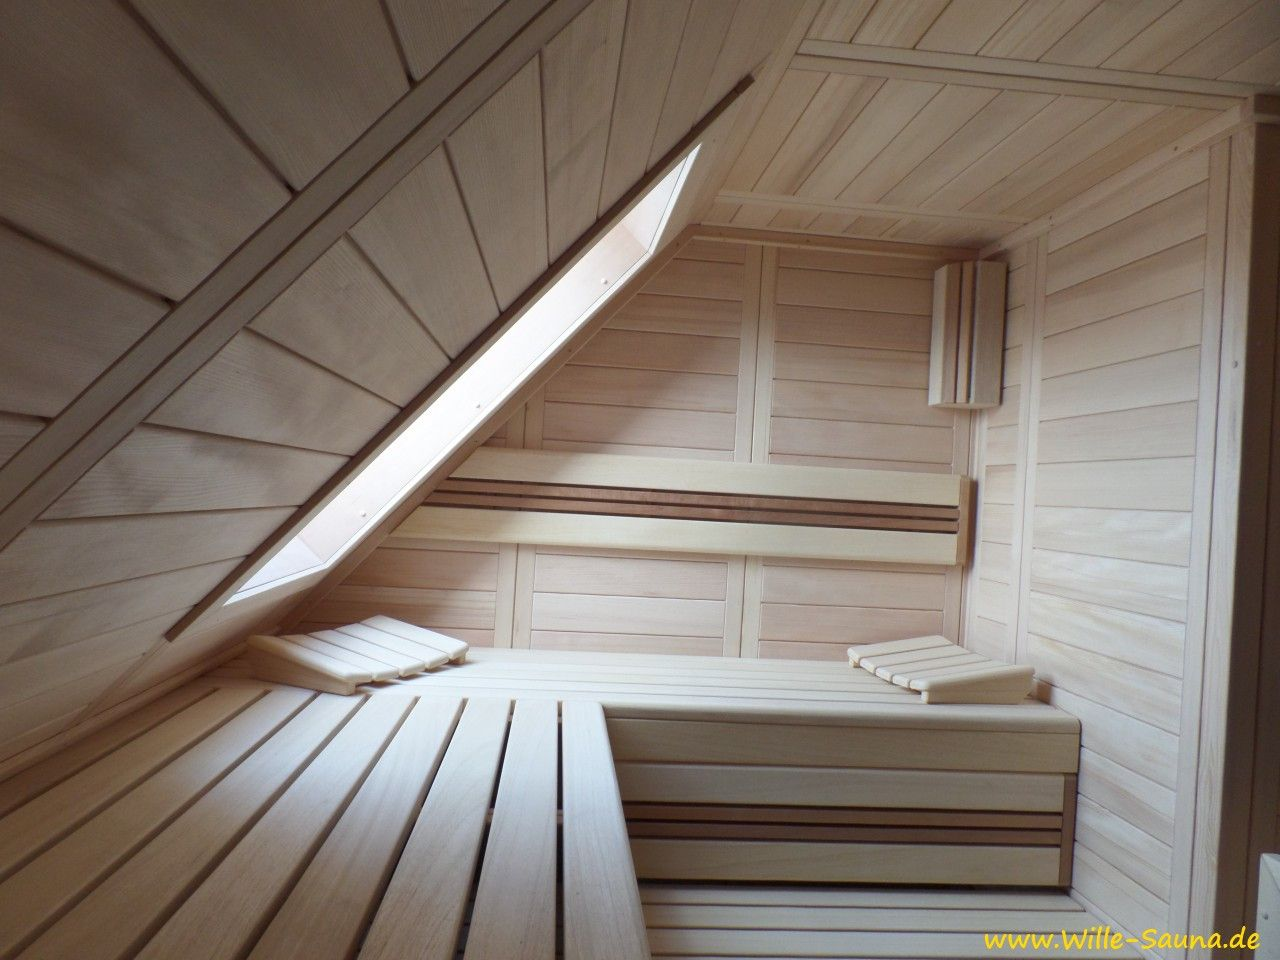 Fenster Dachschräge realisierung einer unter einer dachschräge in der auch ein